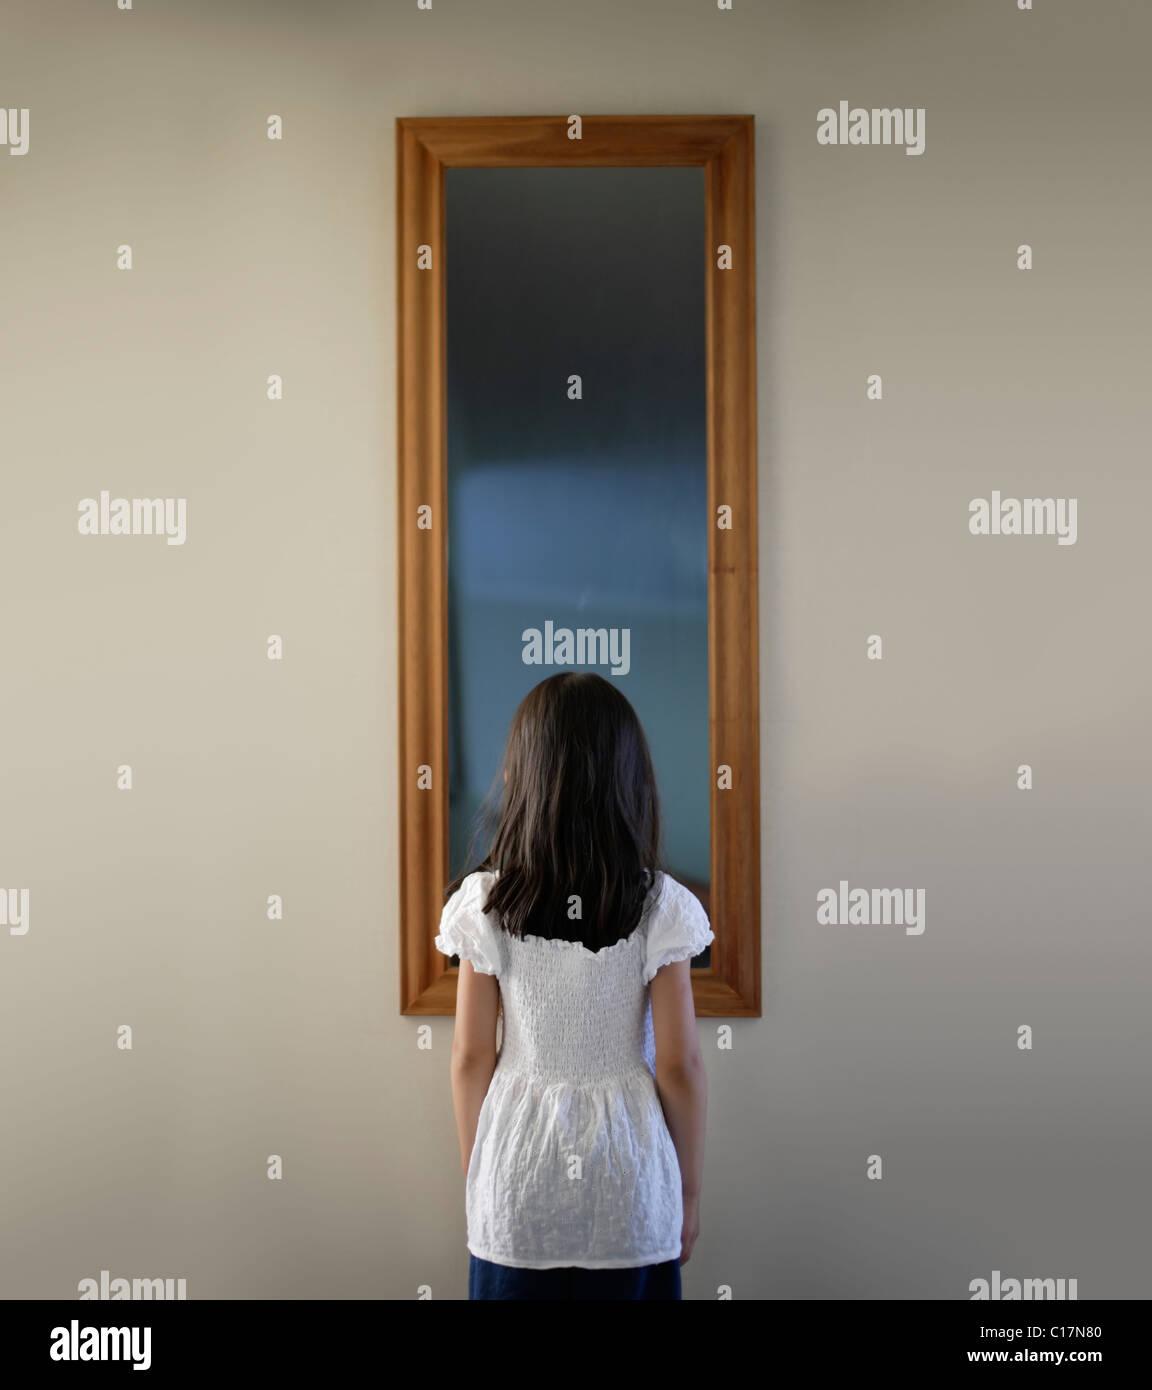 Espelho, na parede Imagens de Stock